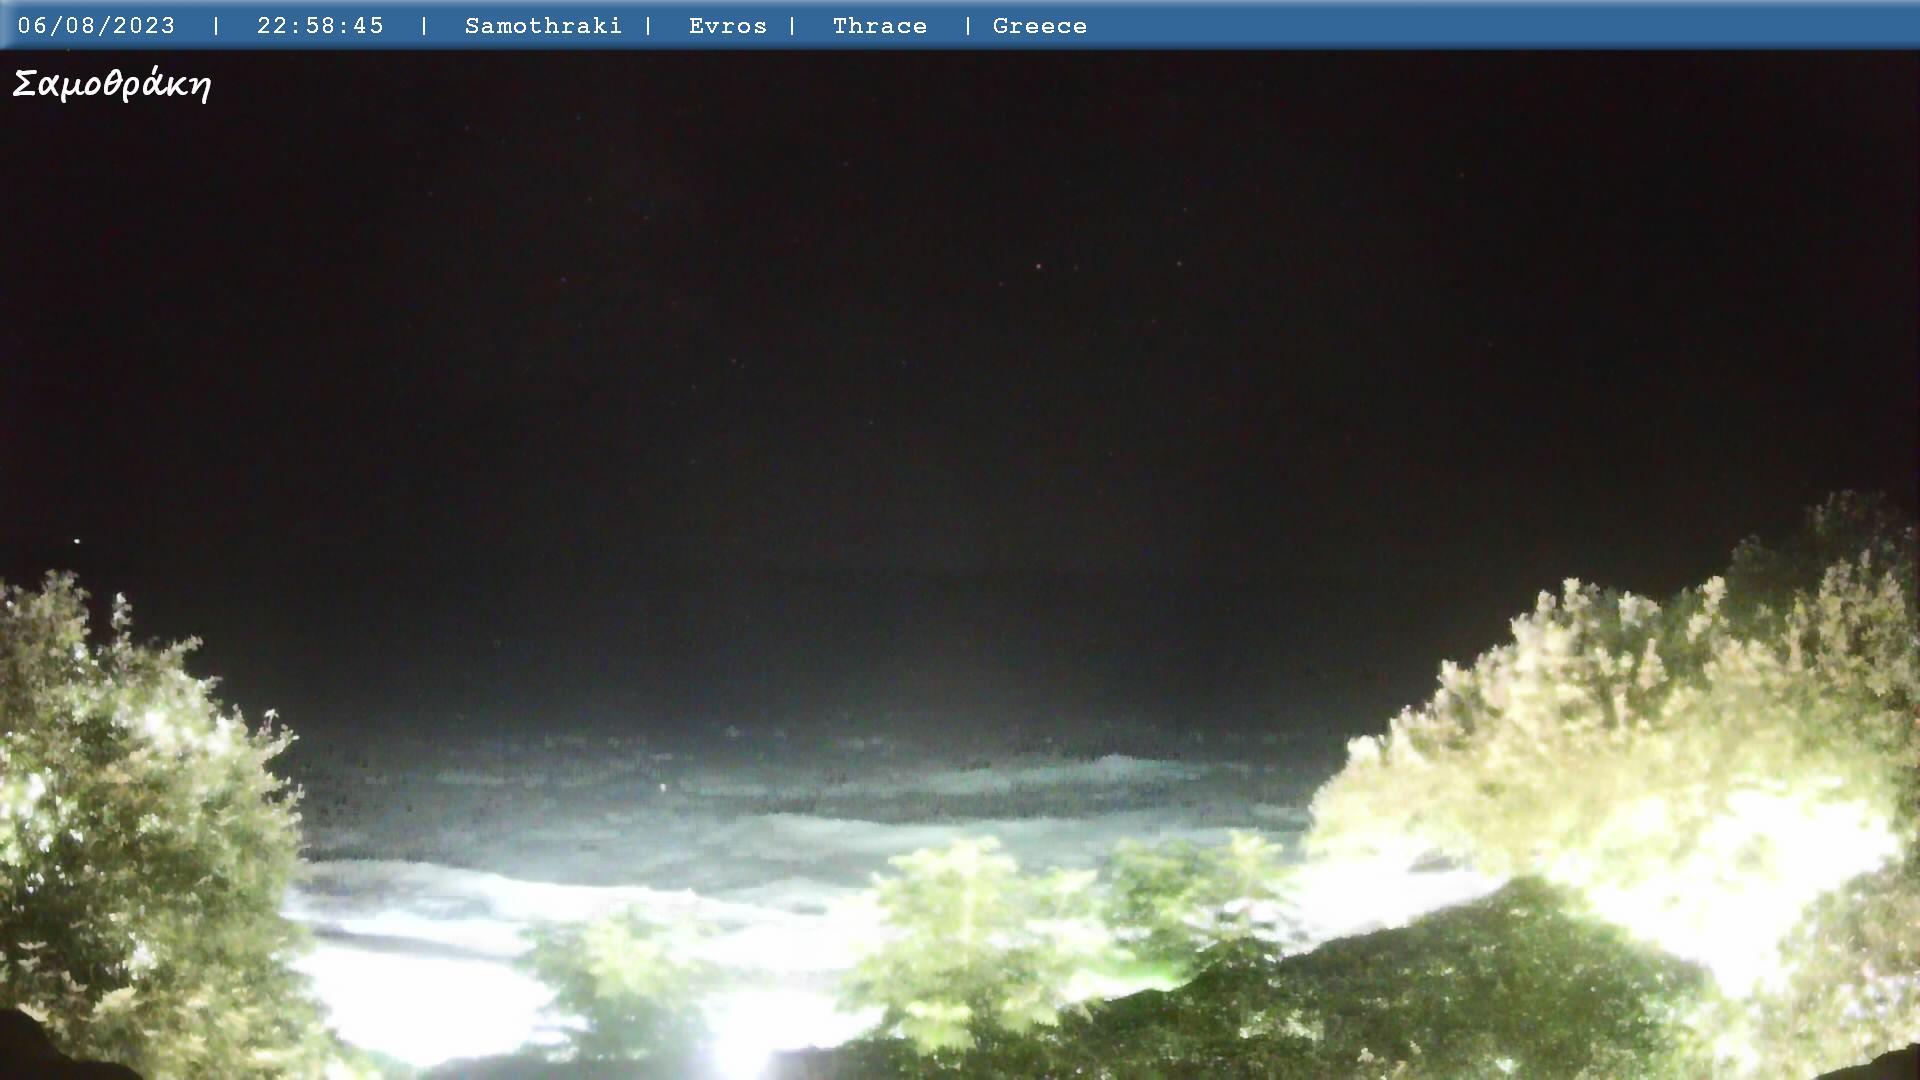 Webcam-Livebild vom Hafen in Alexandroupolis. Aktualisierung jede 10 Sekunden